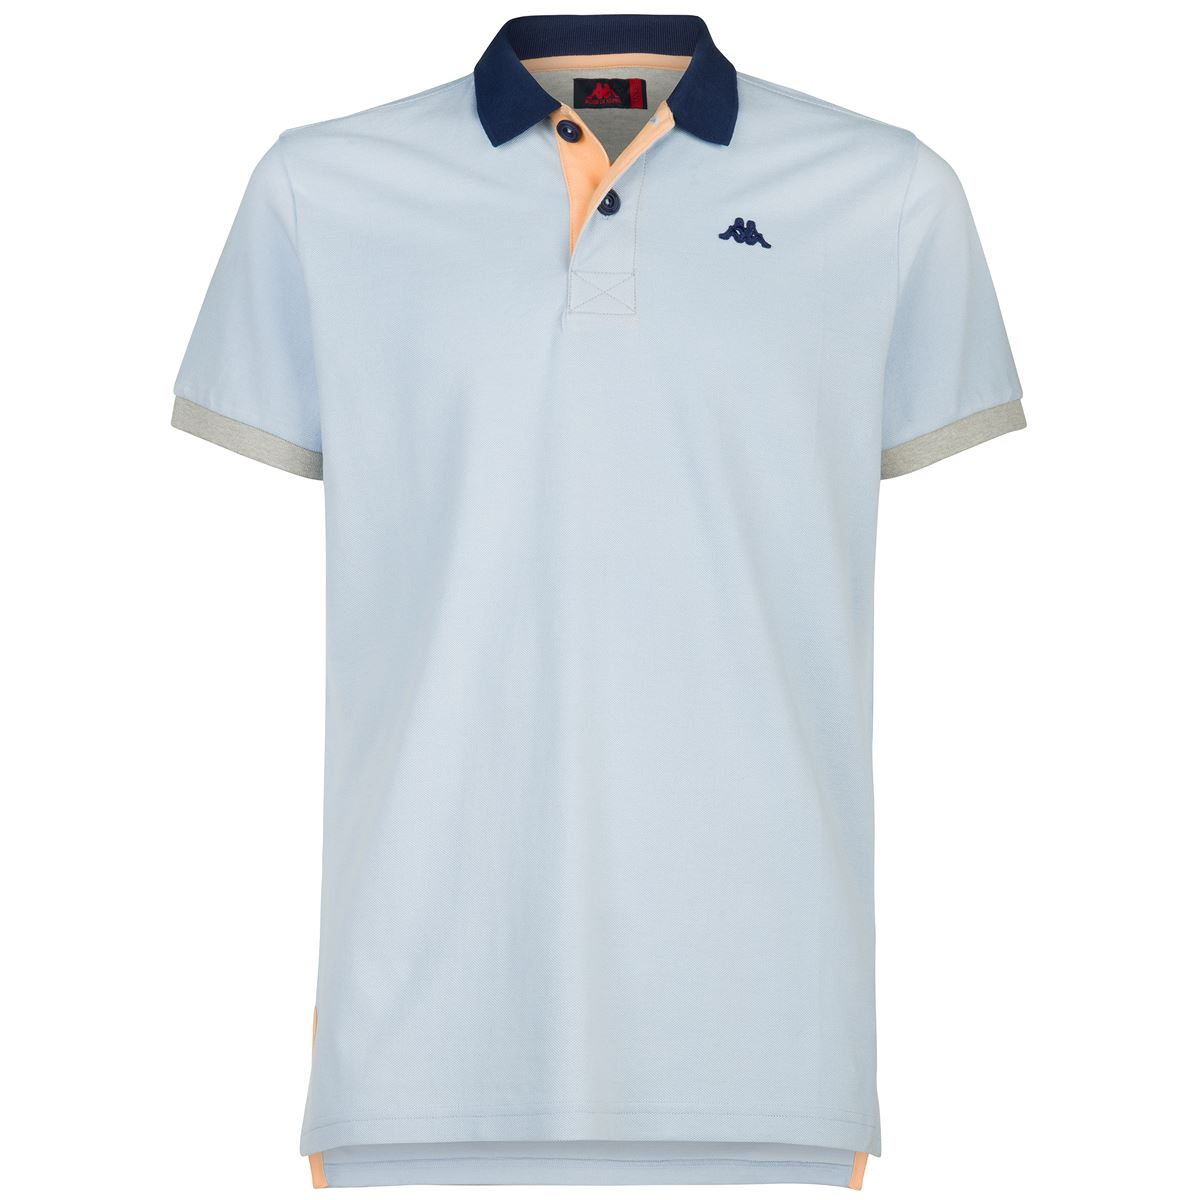 Robe di Kappa Polo Shirts uomo-681295W